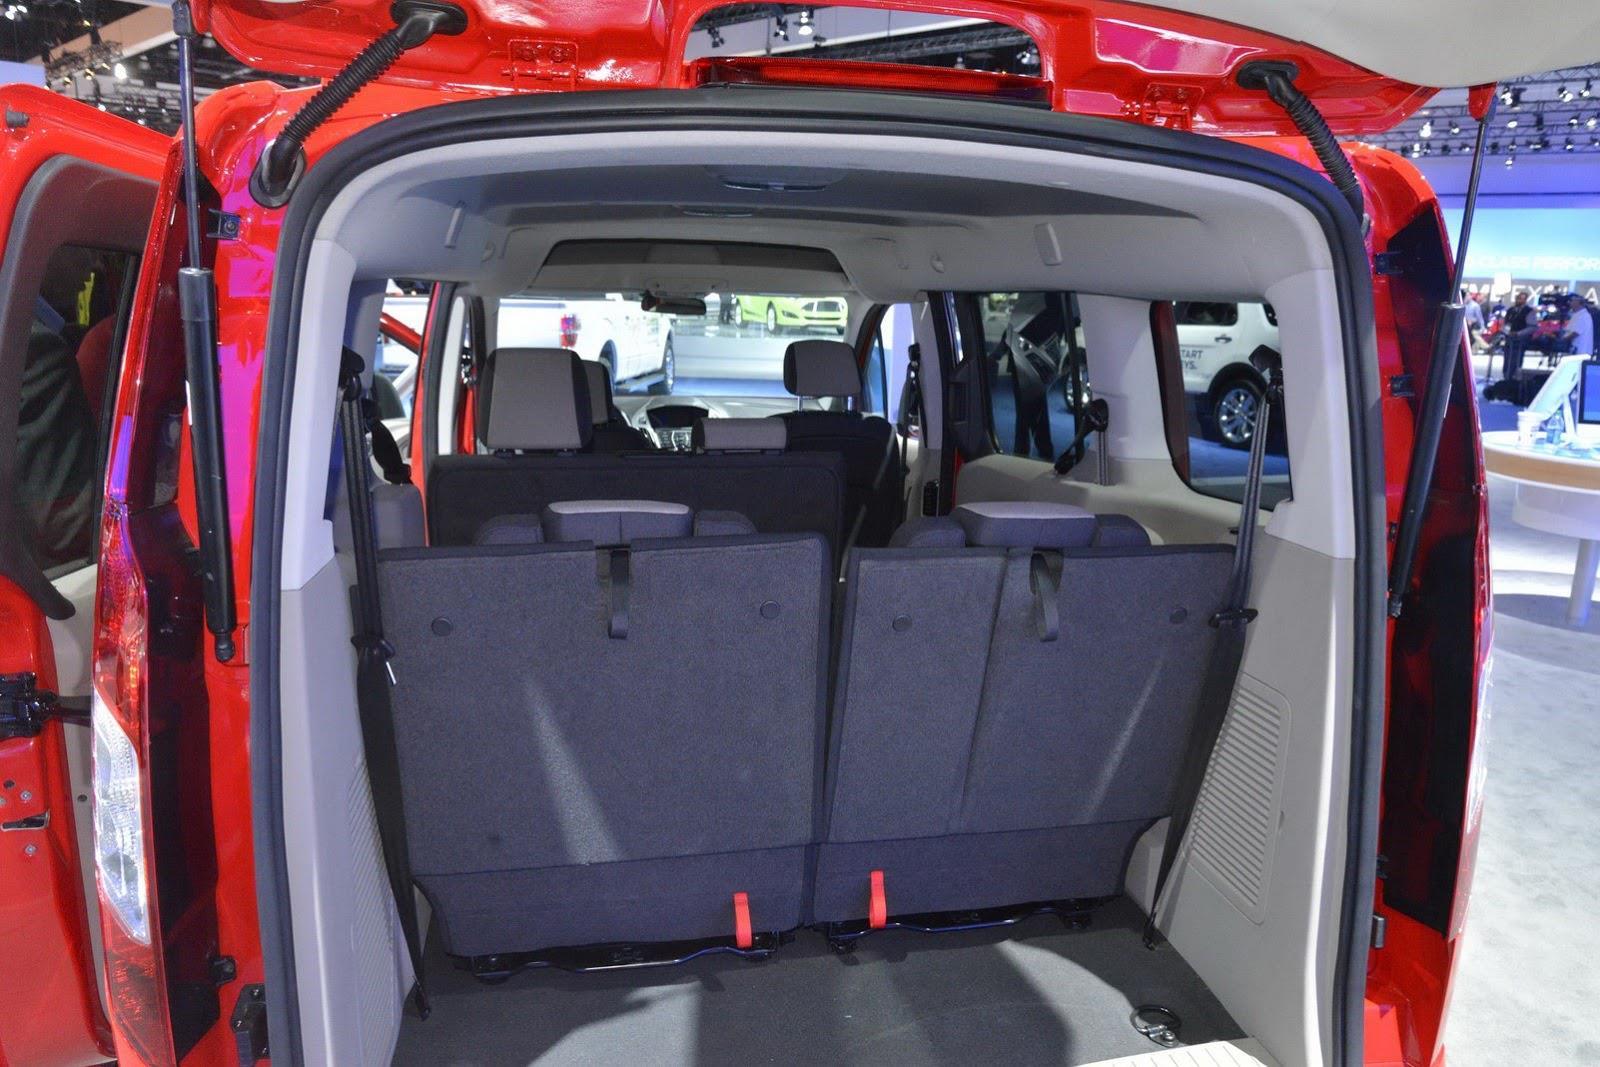 2014 Ford Transit Connect Wagon Özellikleri Resimleri ve İncelemesi